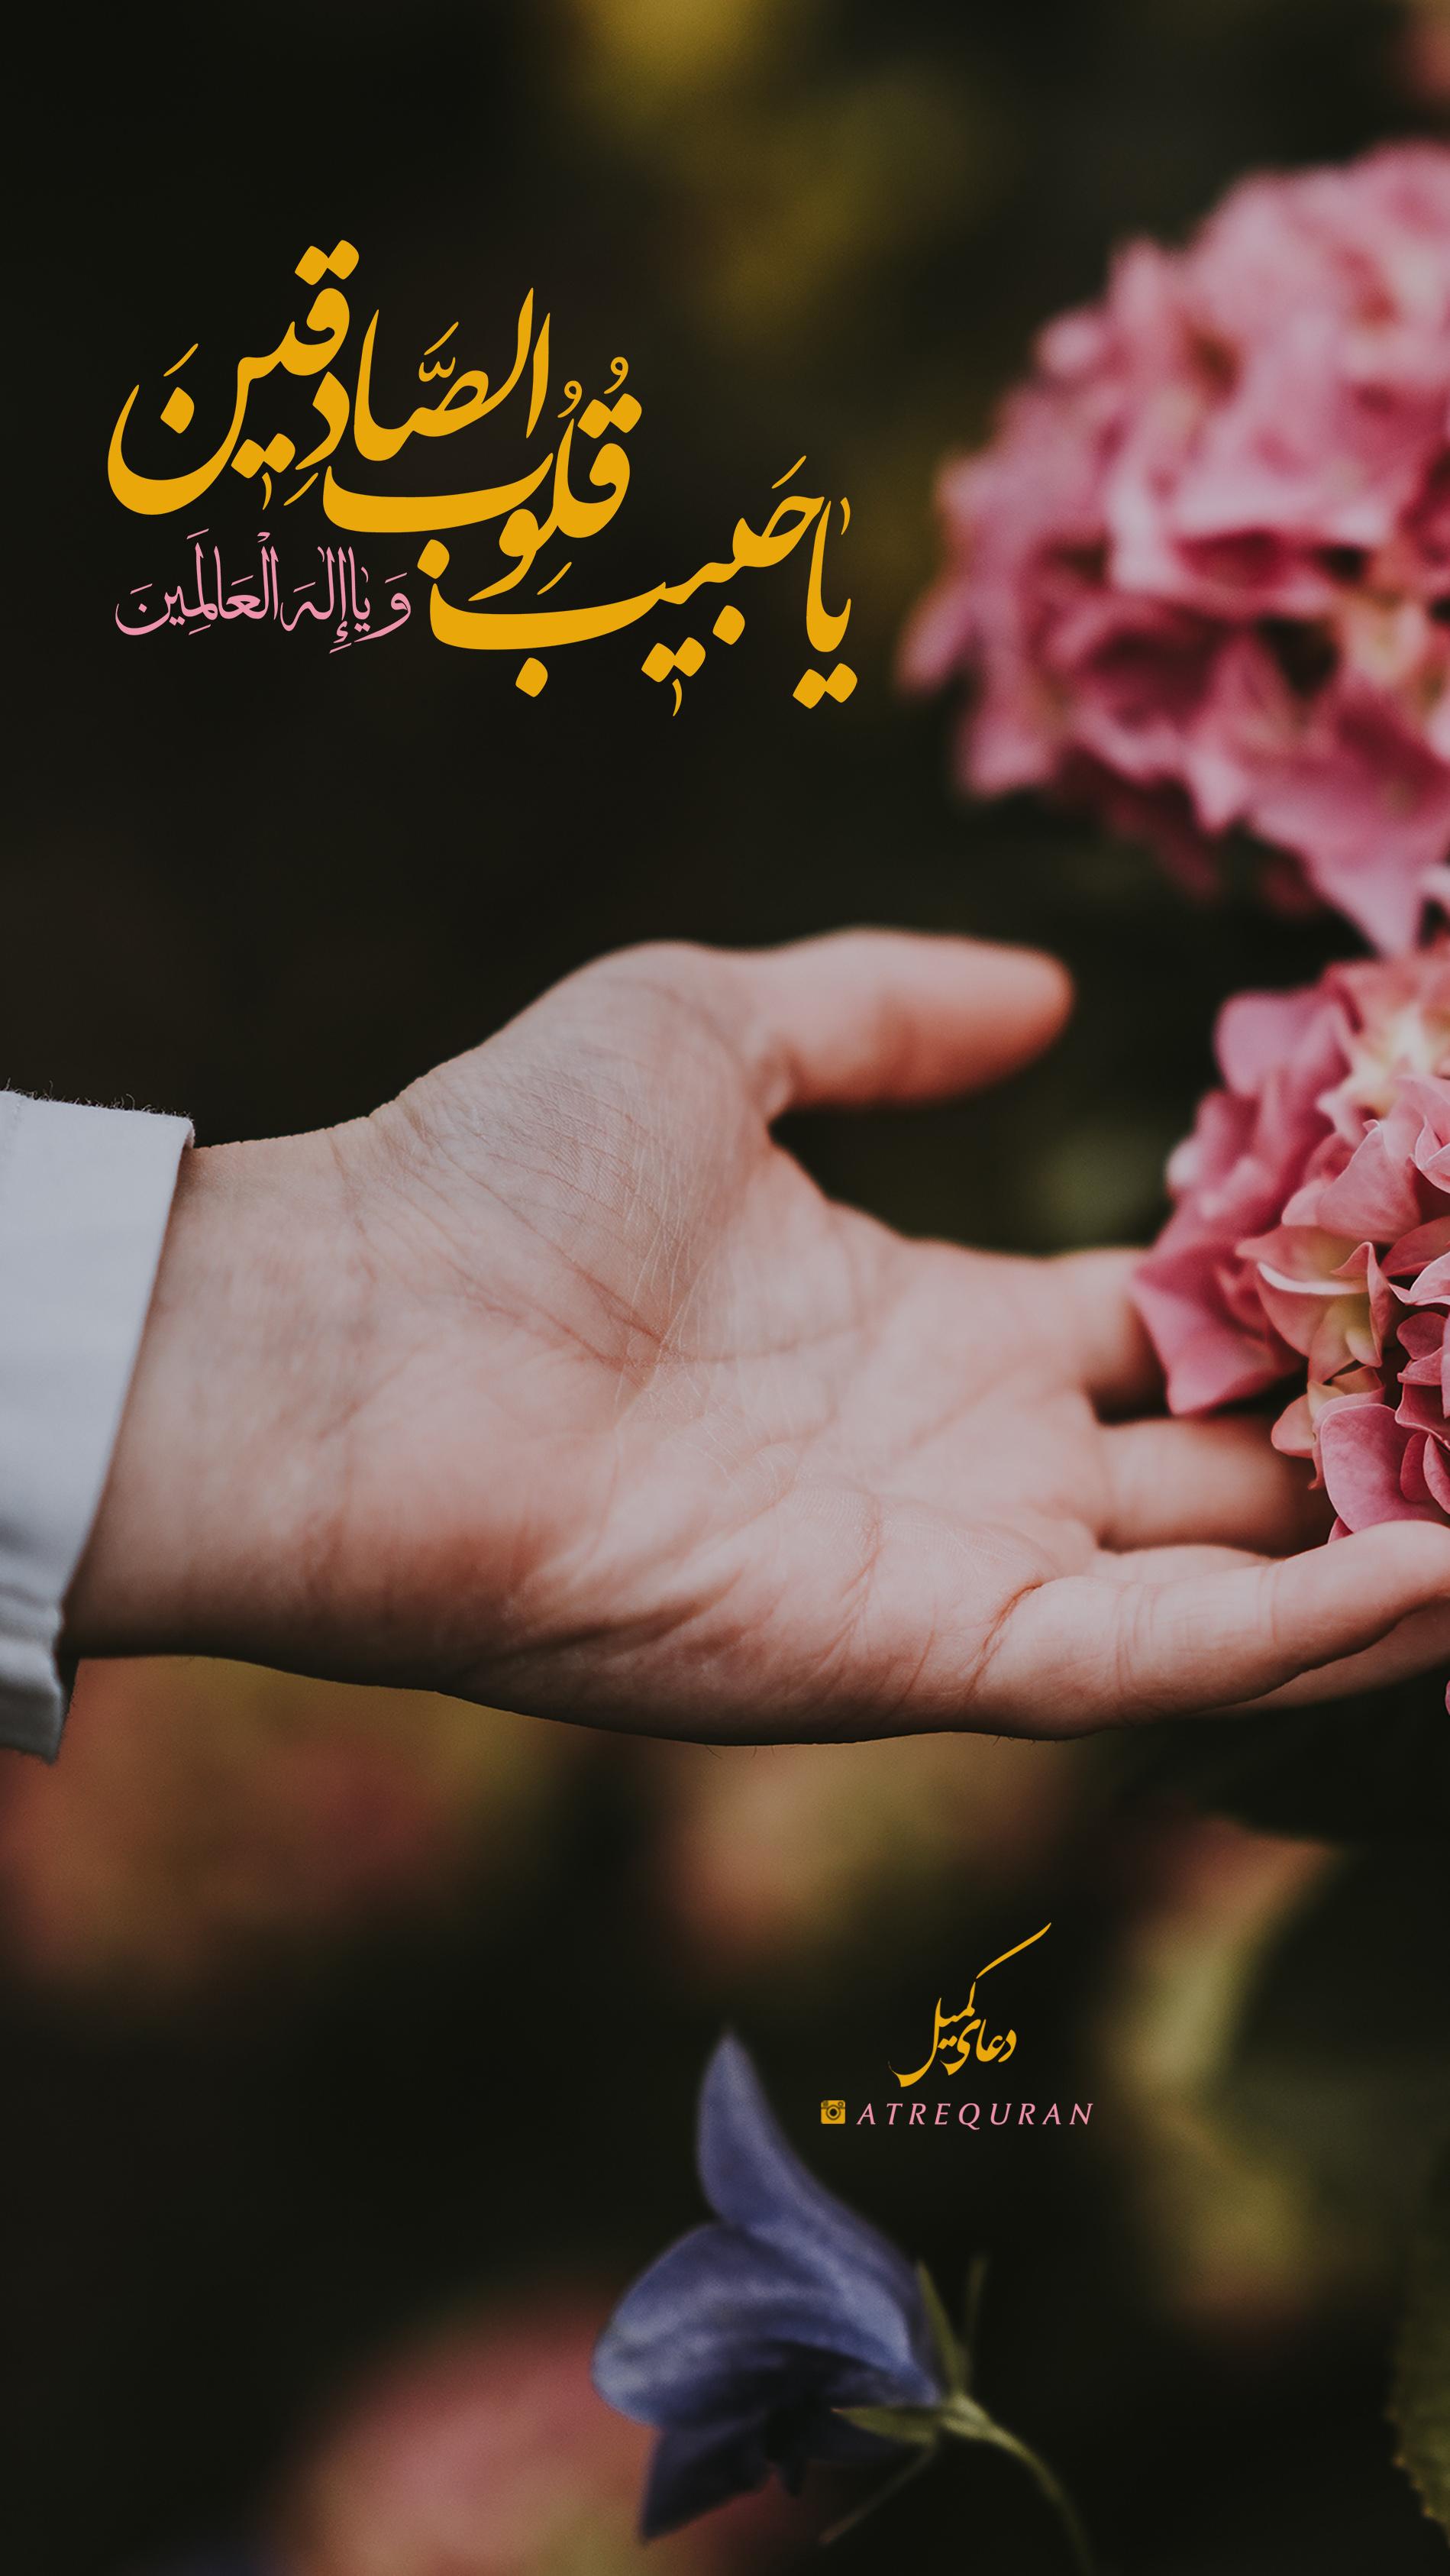 یا حبیب قلوب الصادقین و یا اله العالمین